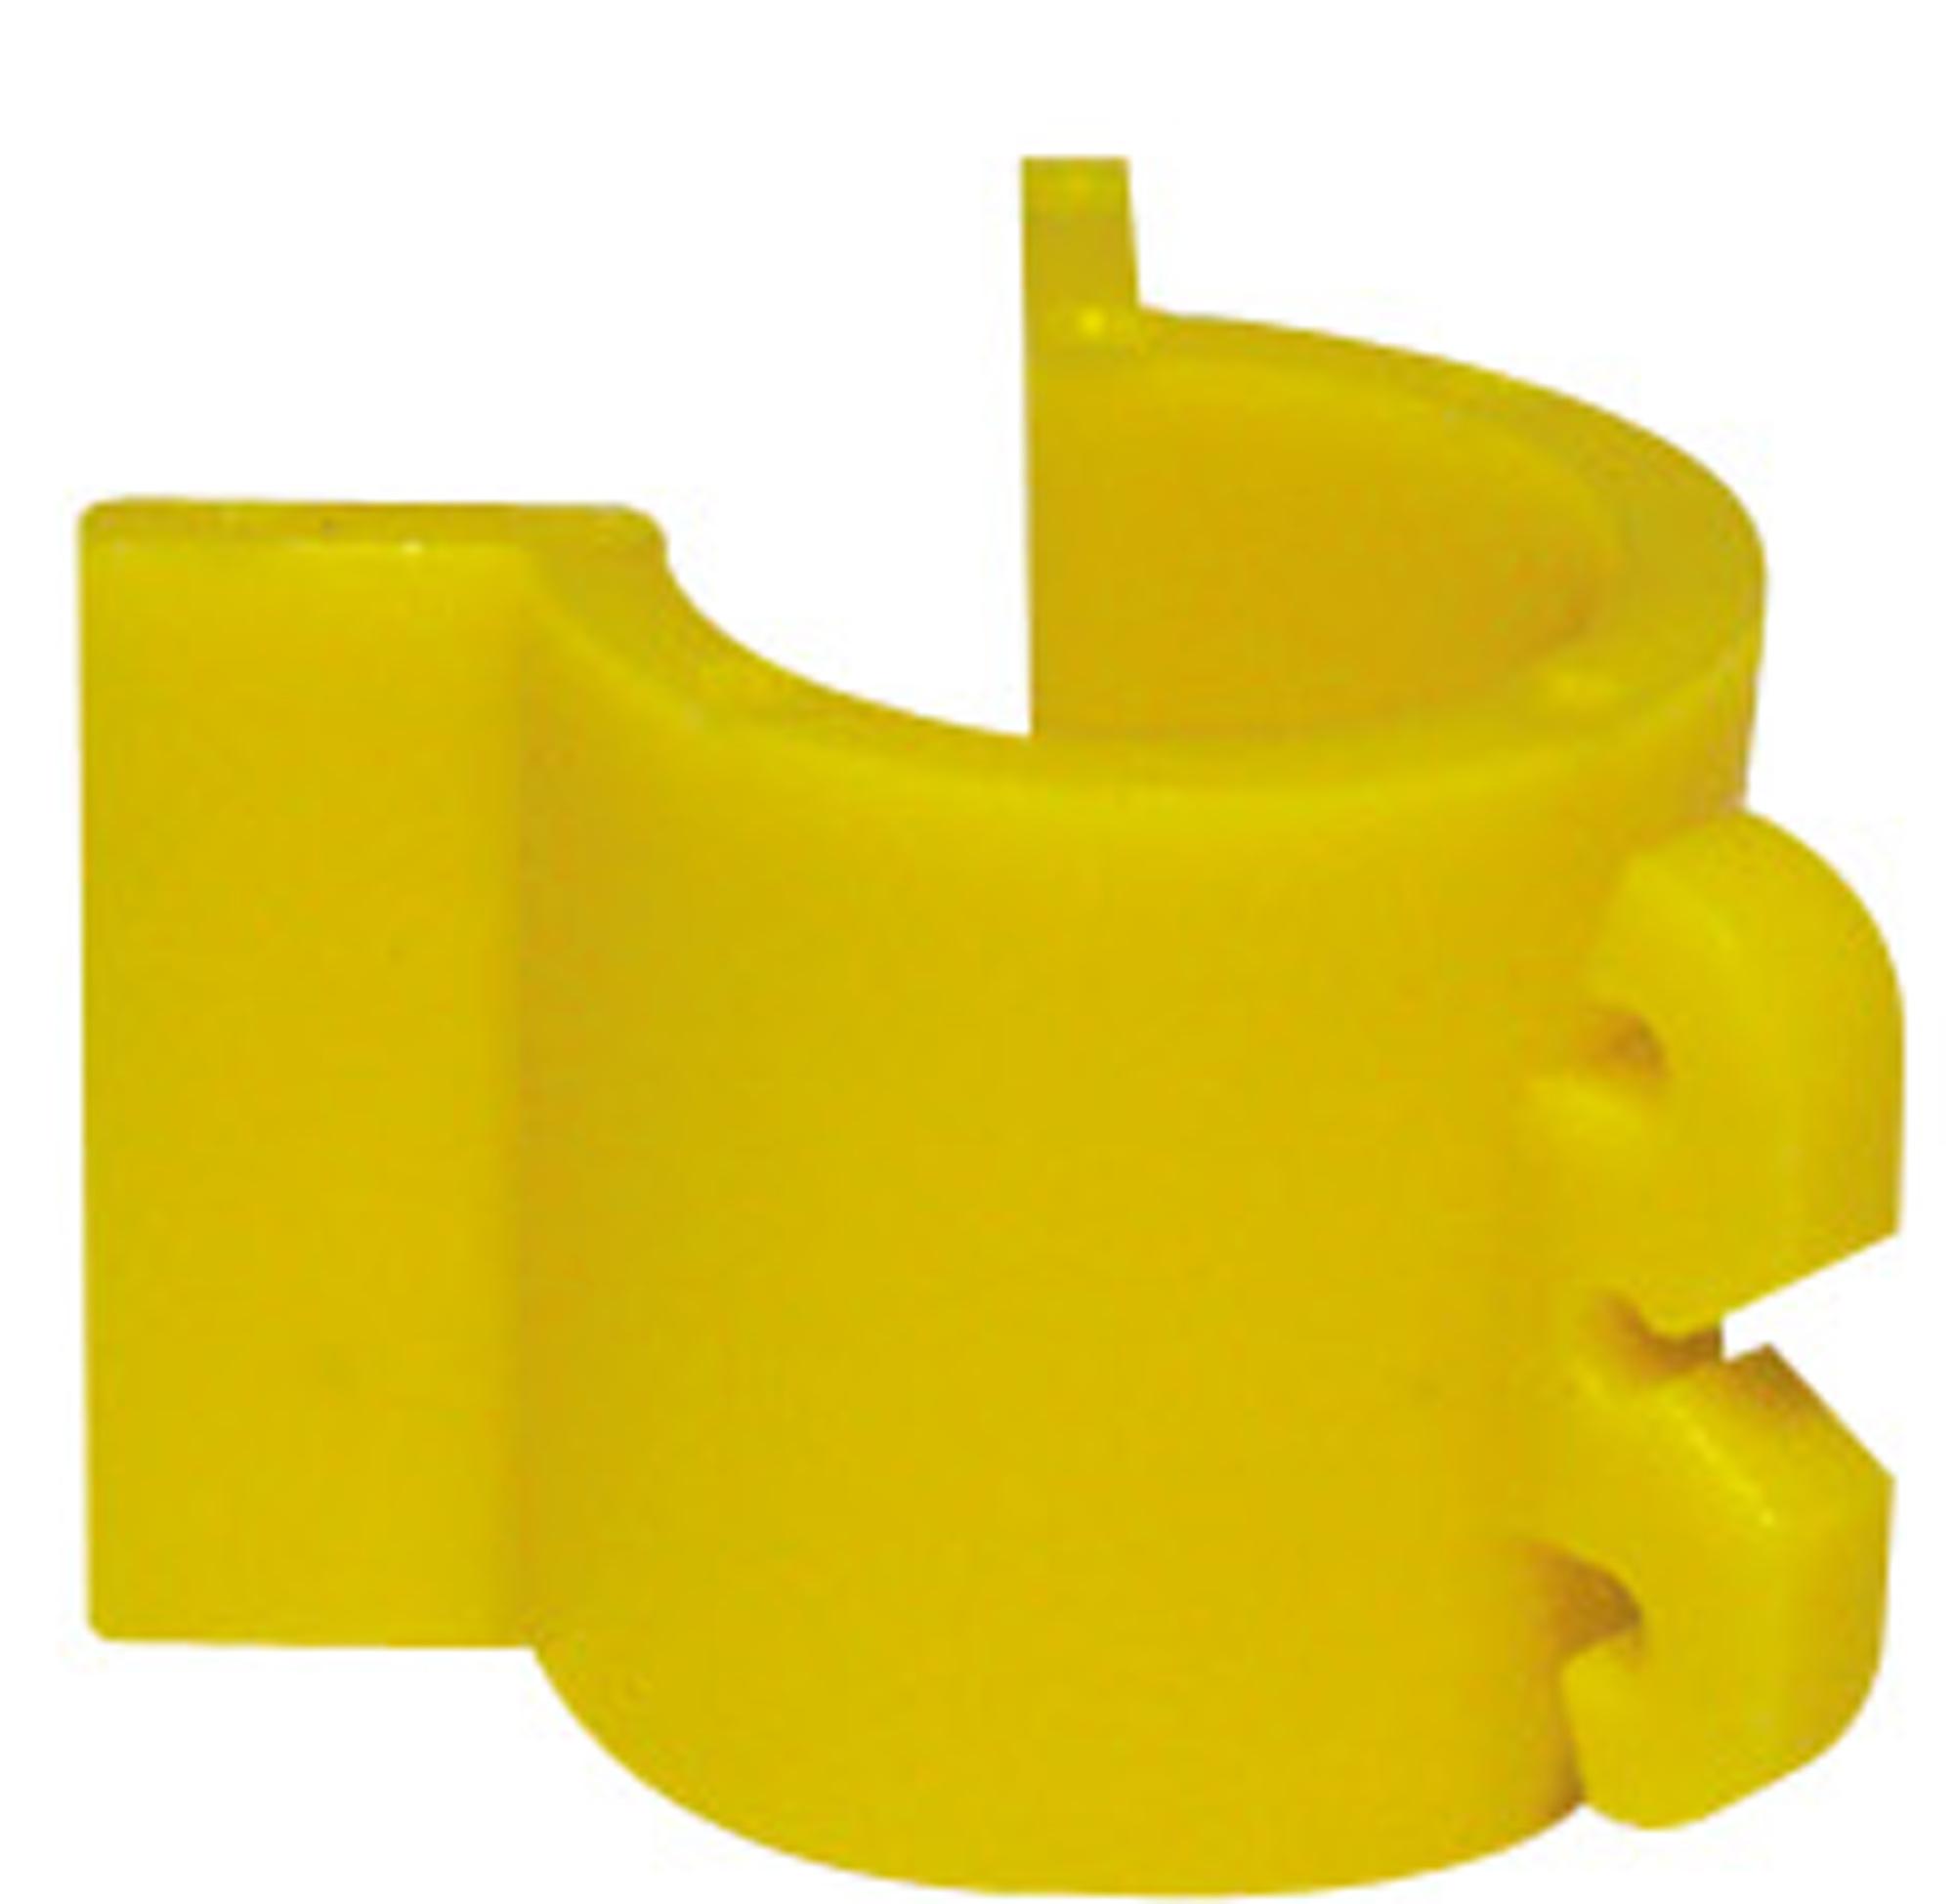 Schake Richtschnurhalter aus Kunststoff